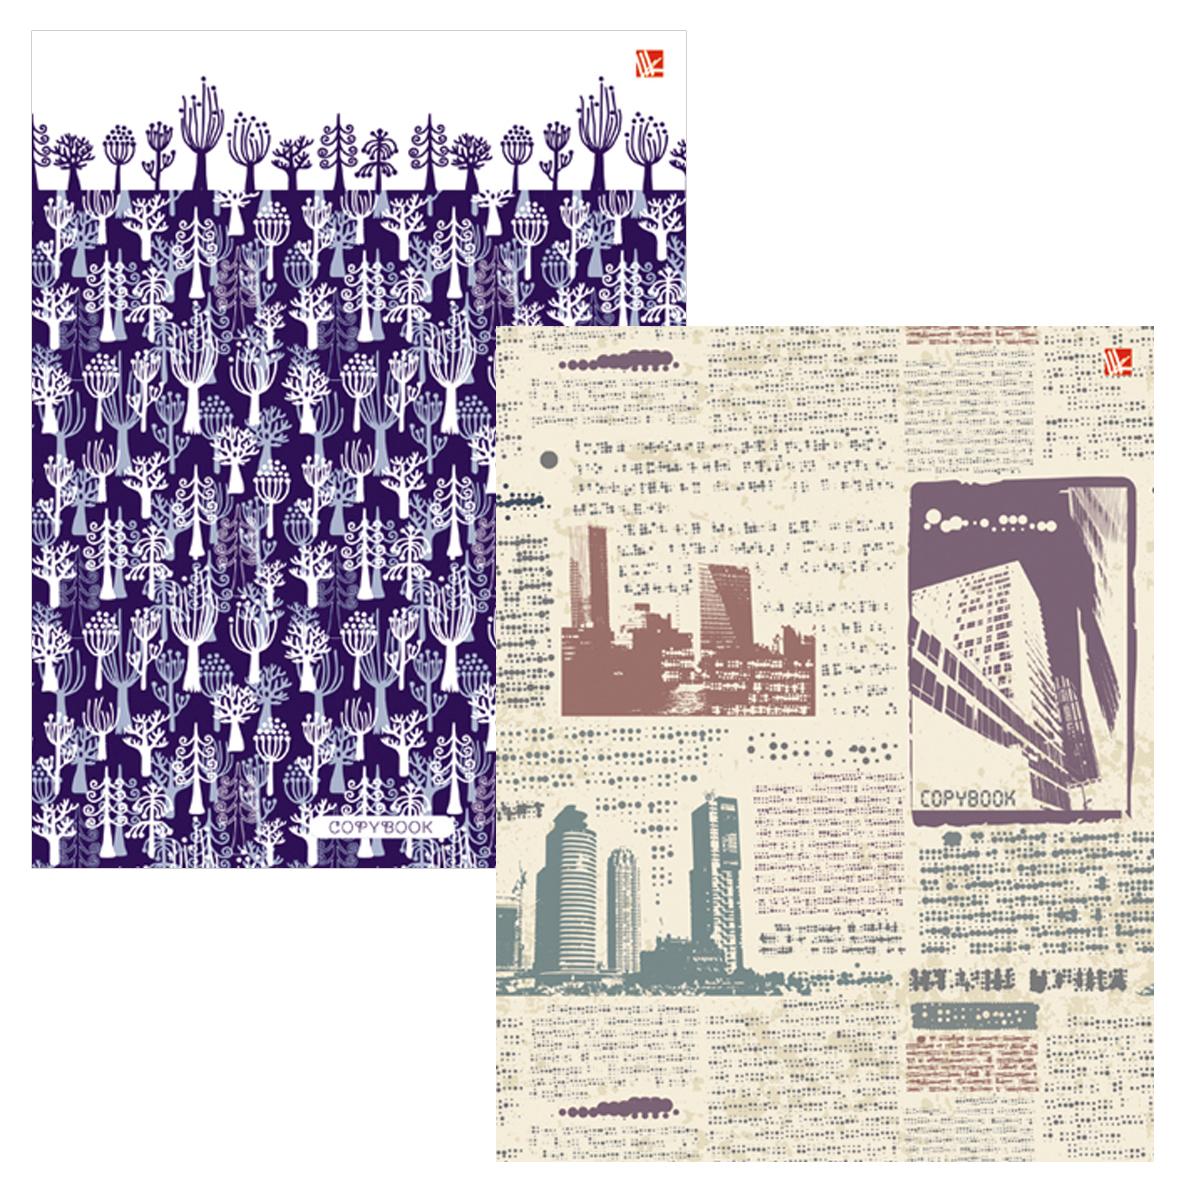 Listoff Набор тетрадей Графика 80 листов в клетку 2 шт72523WDНабор тетрадей Listoff Графика подойдет как школьнику, так и студенту.Обложка тетрадей выполнена из картона и дополнена стильными изображениями Внутренний блок каждой тетради на кольцах состоит из 80 листов белой бумаги с линовкой в клетку синего цвета без полей.